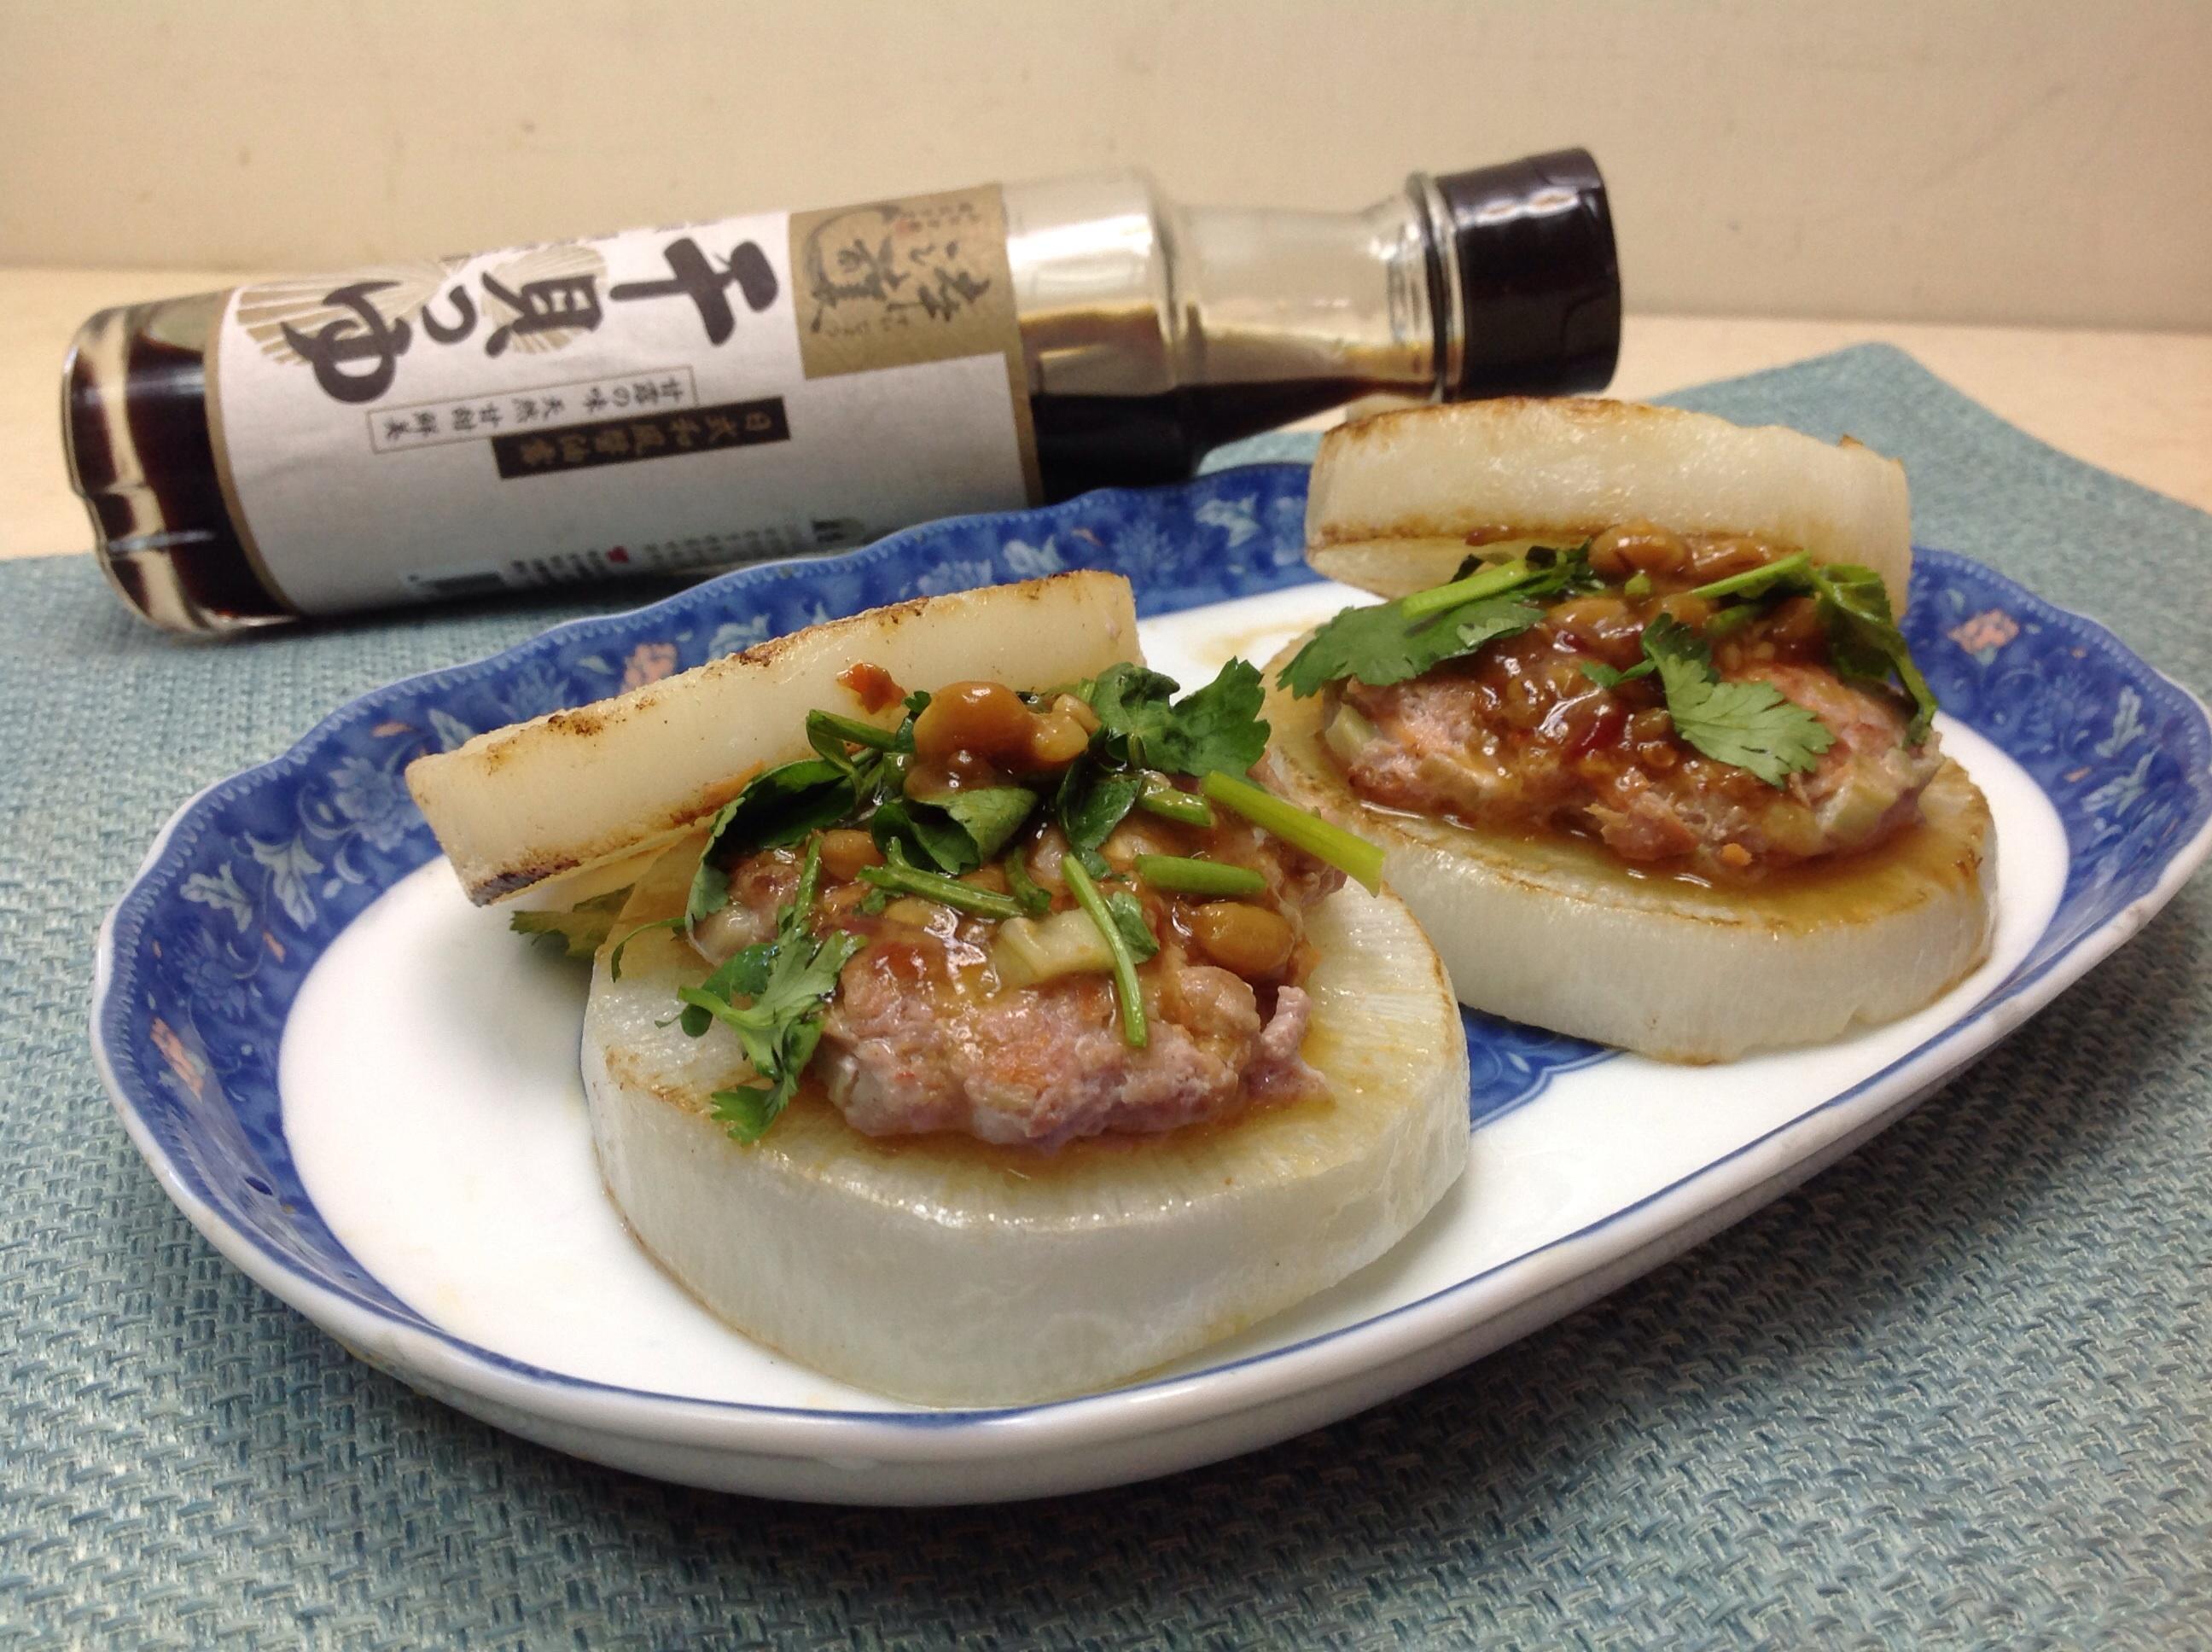 菜頭漢堡(淬釀年菜料理)